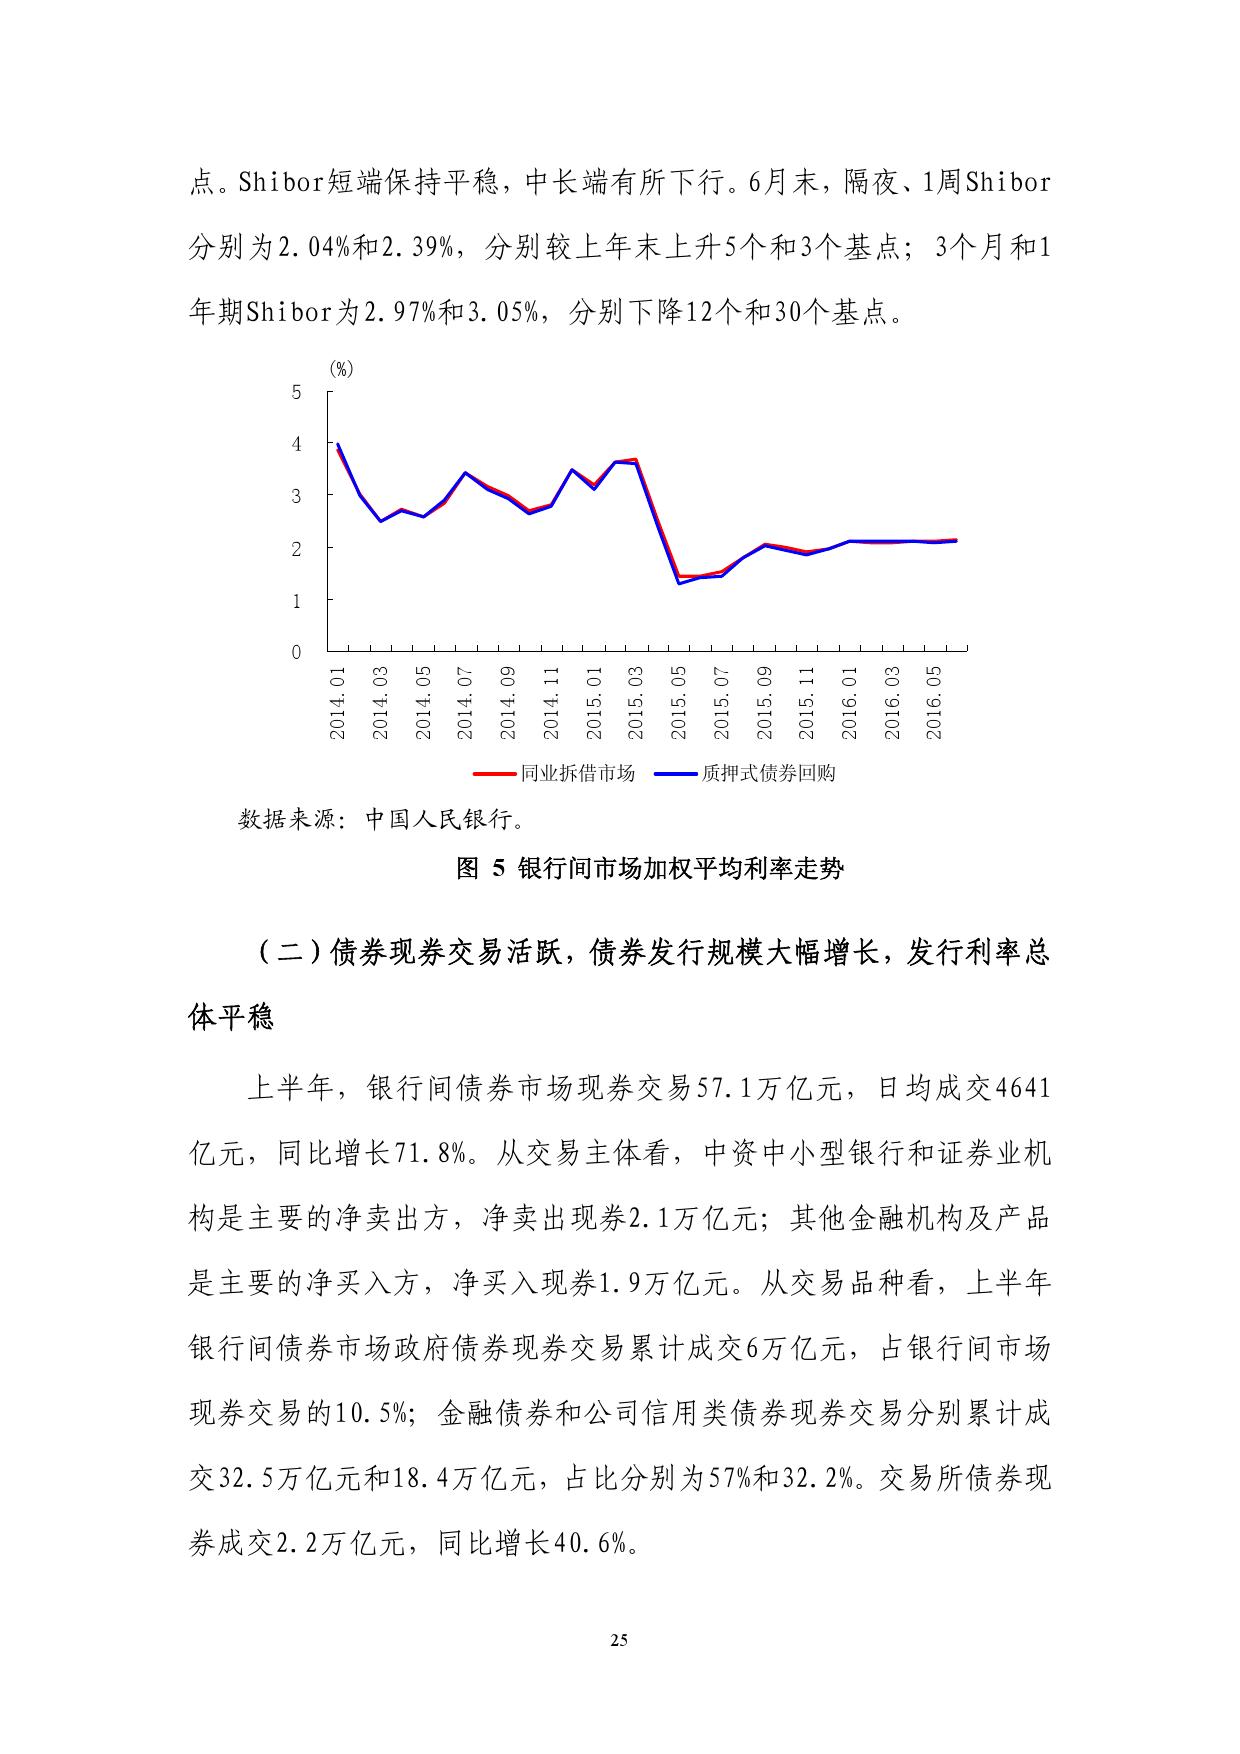 2016年Q2中国货币政策执行报告_000031